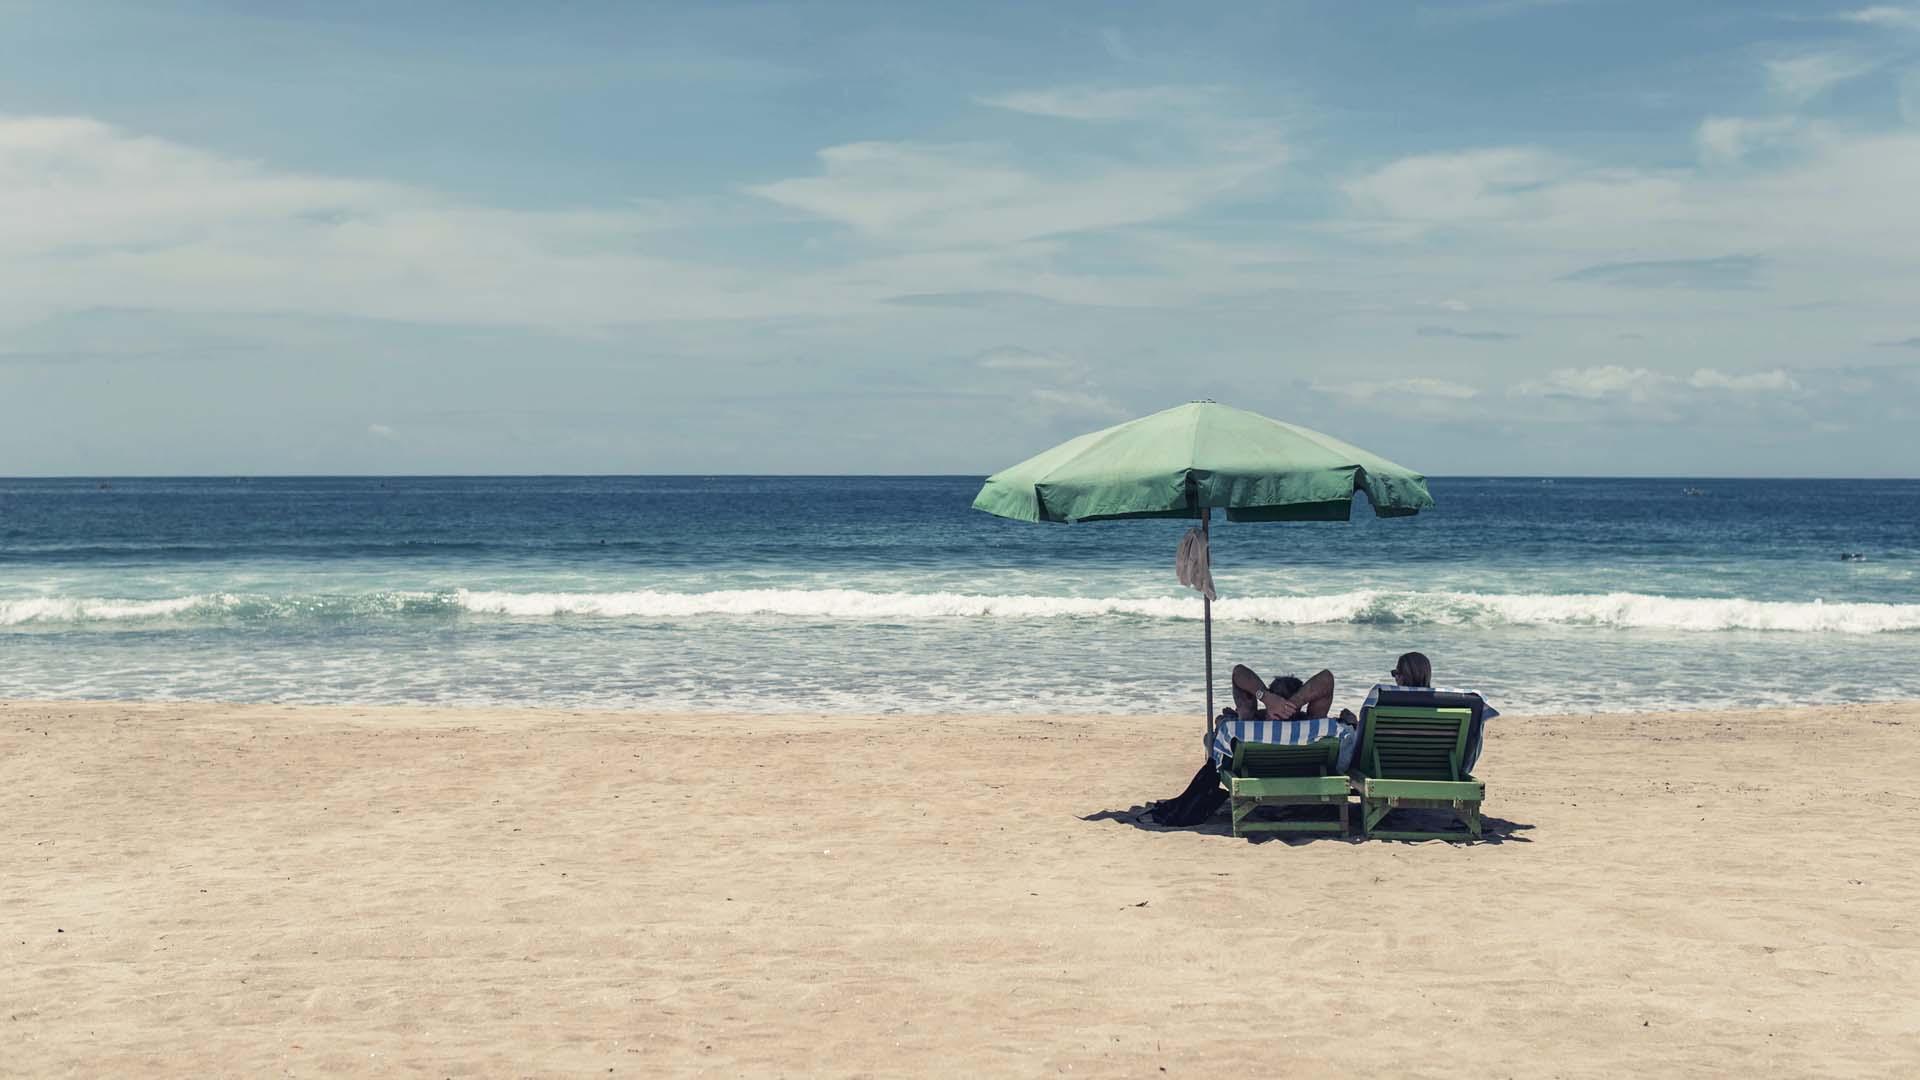 spiagge libere coronavirus